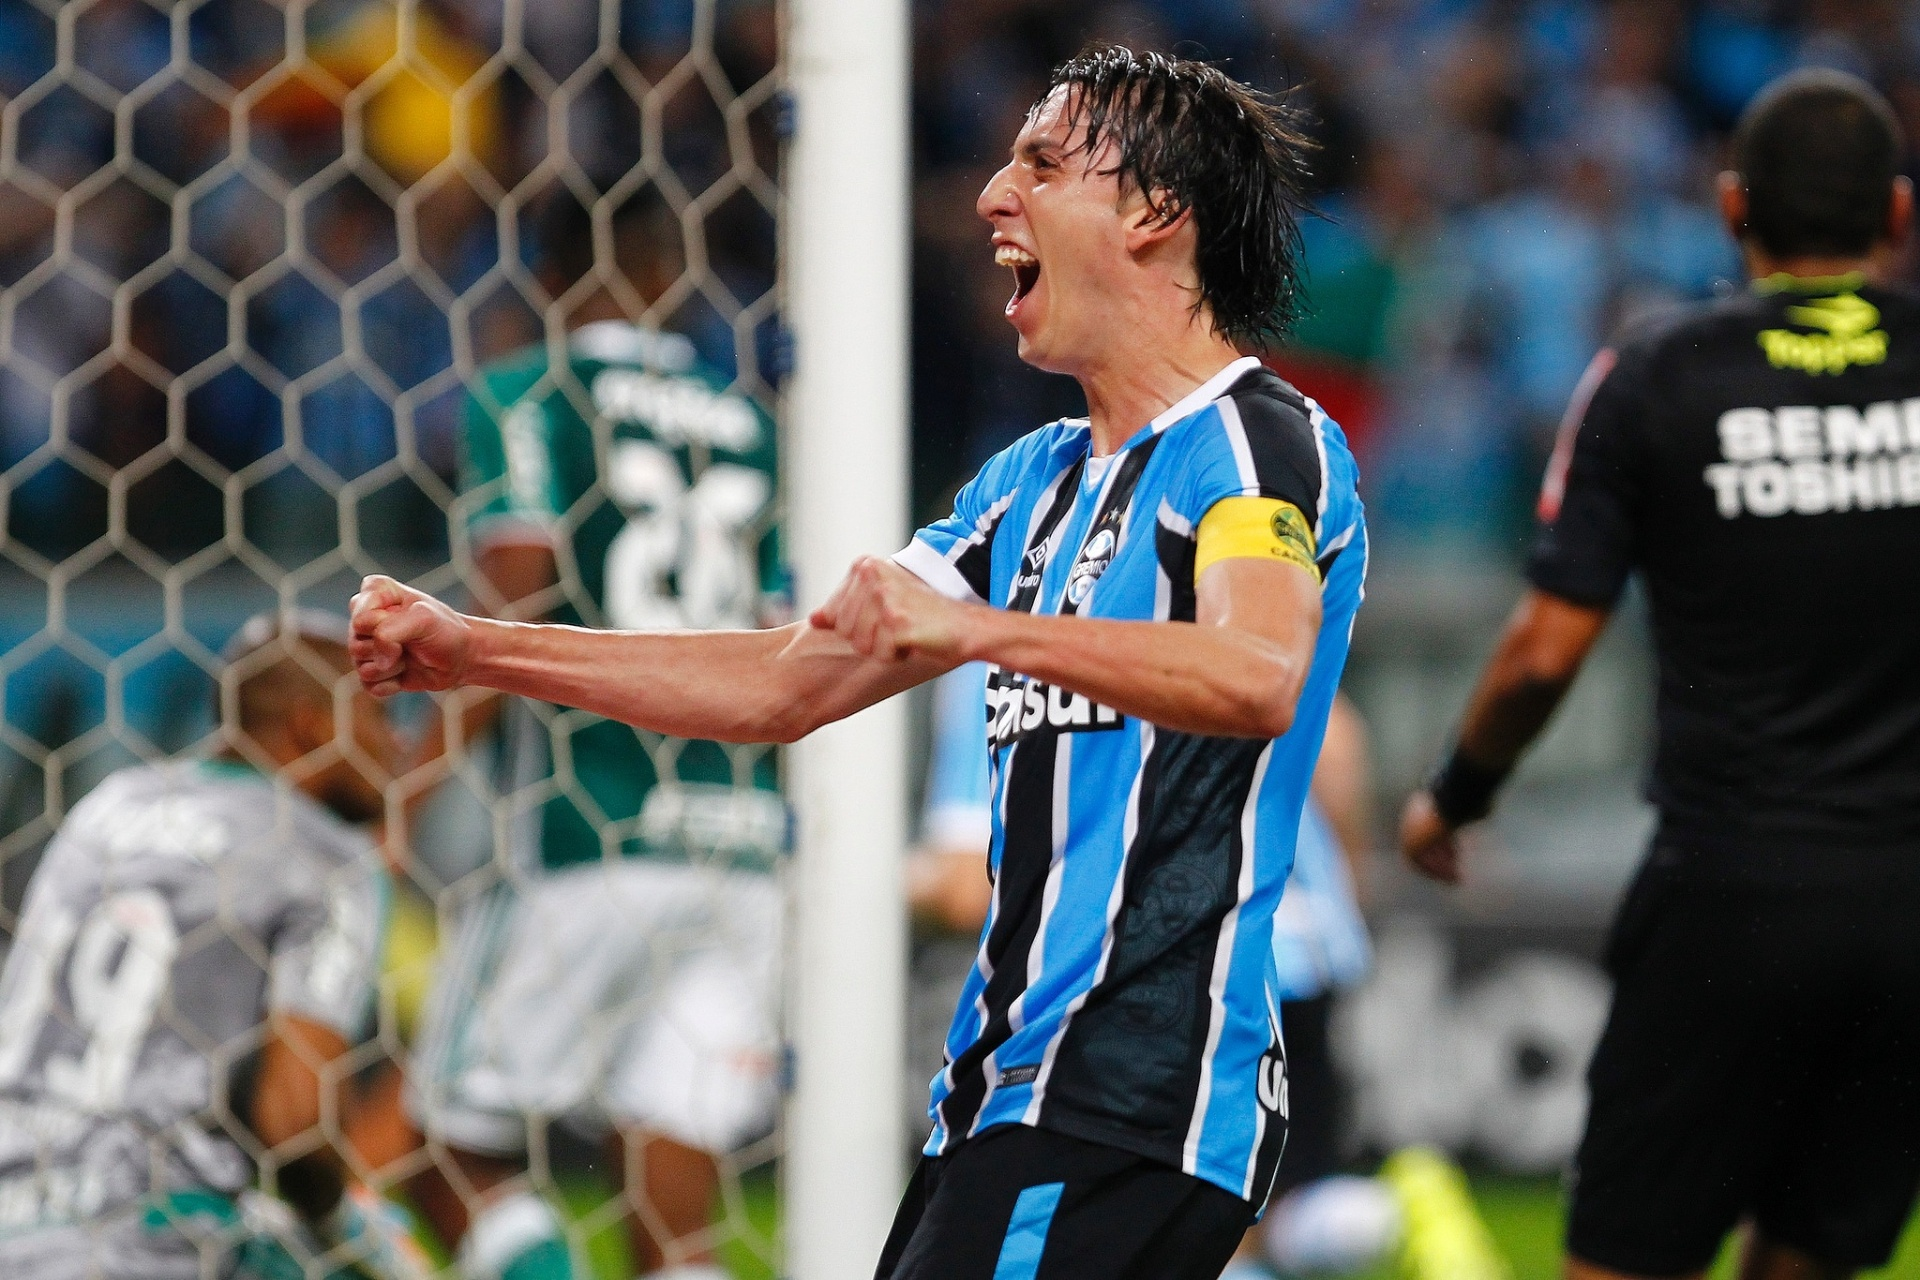 G-6 muda realidade e tira Inter da pauta do Grêmio no Brasileirão - Esporte  - BOL c492726e551e4